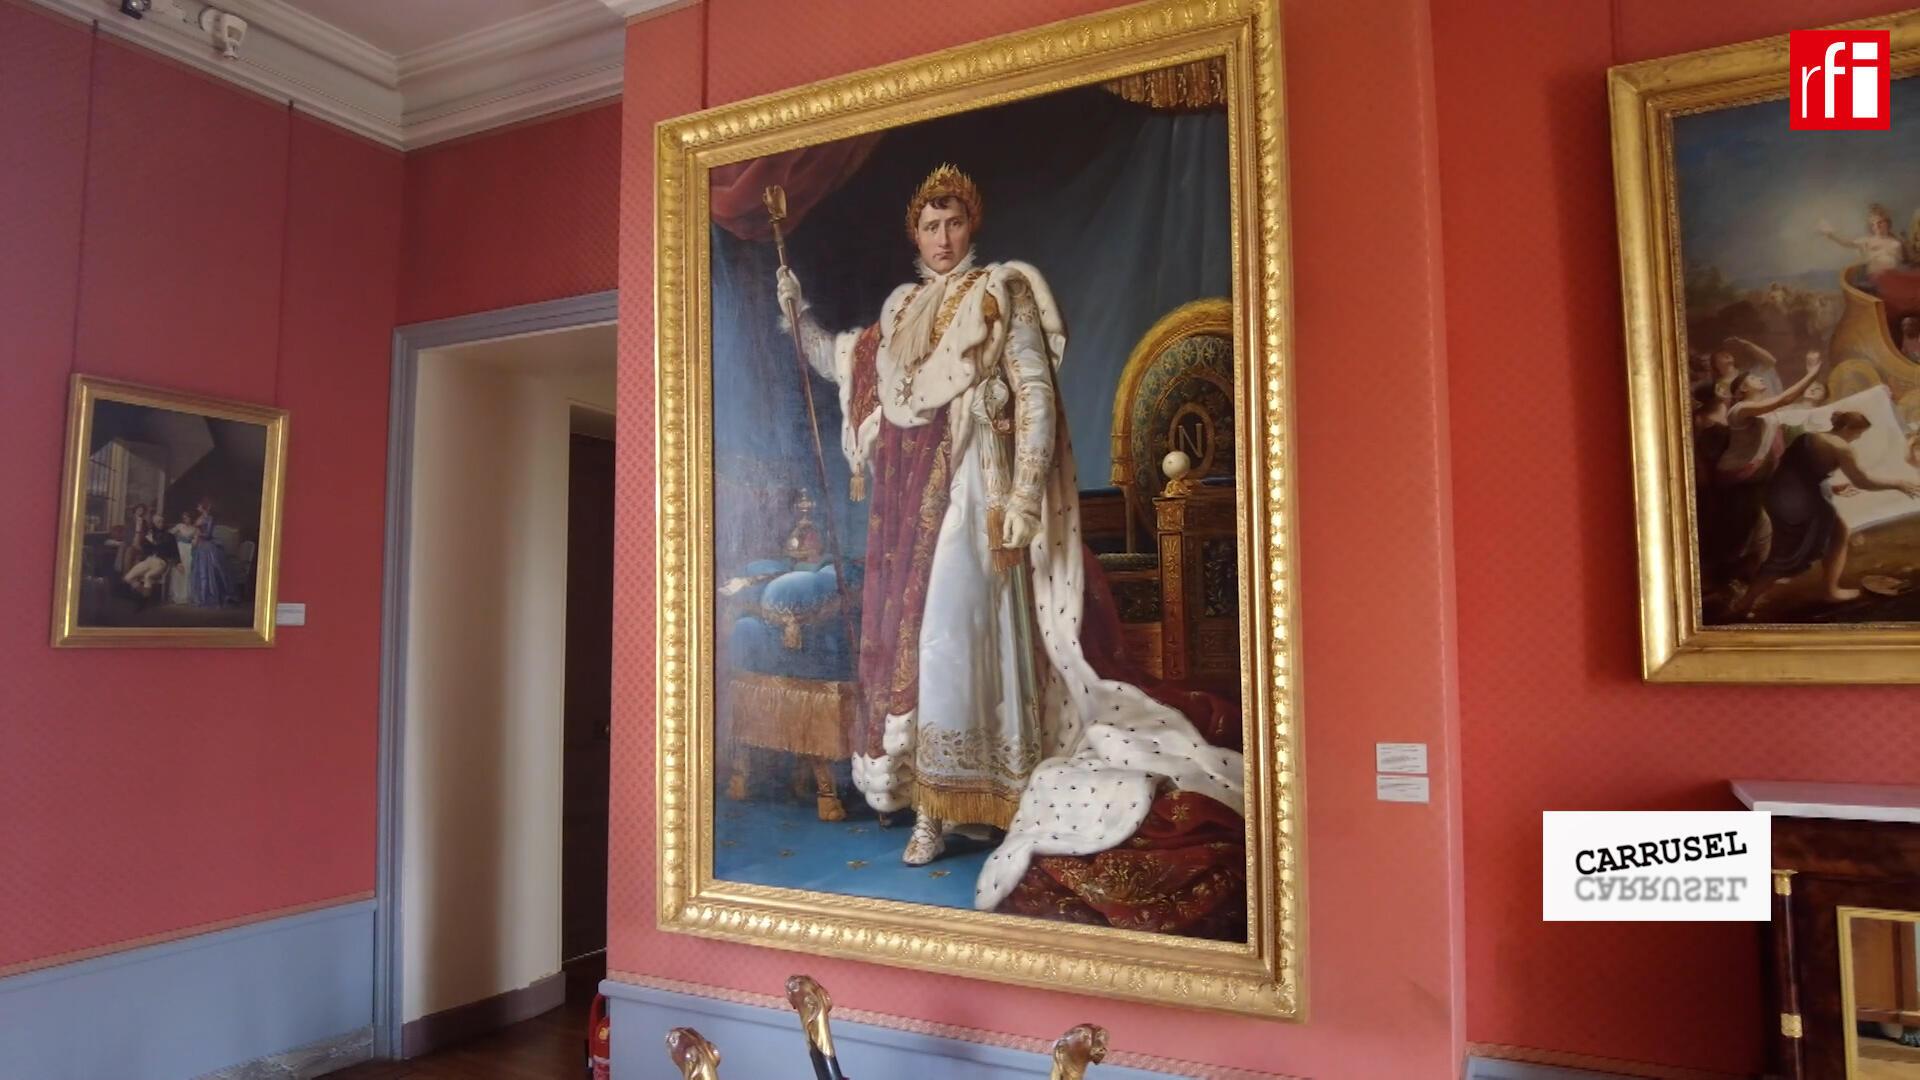 ESPECIAL: Napoleón a través de dos castillos imperiales